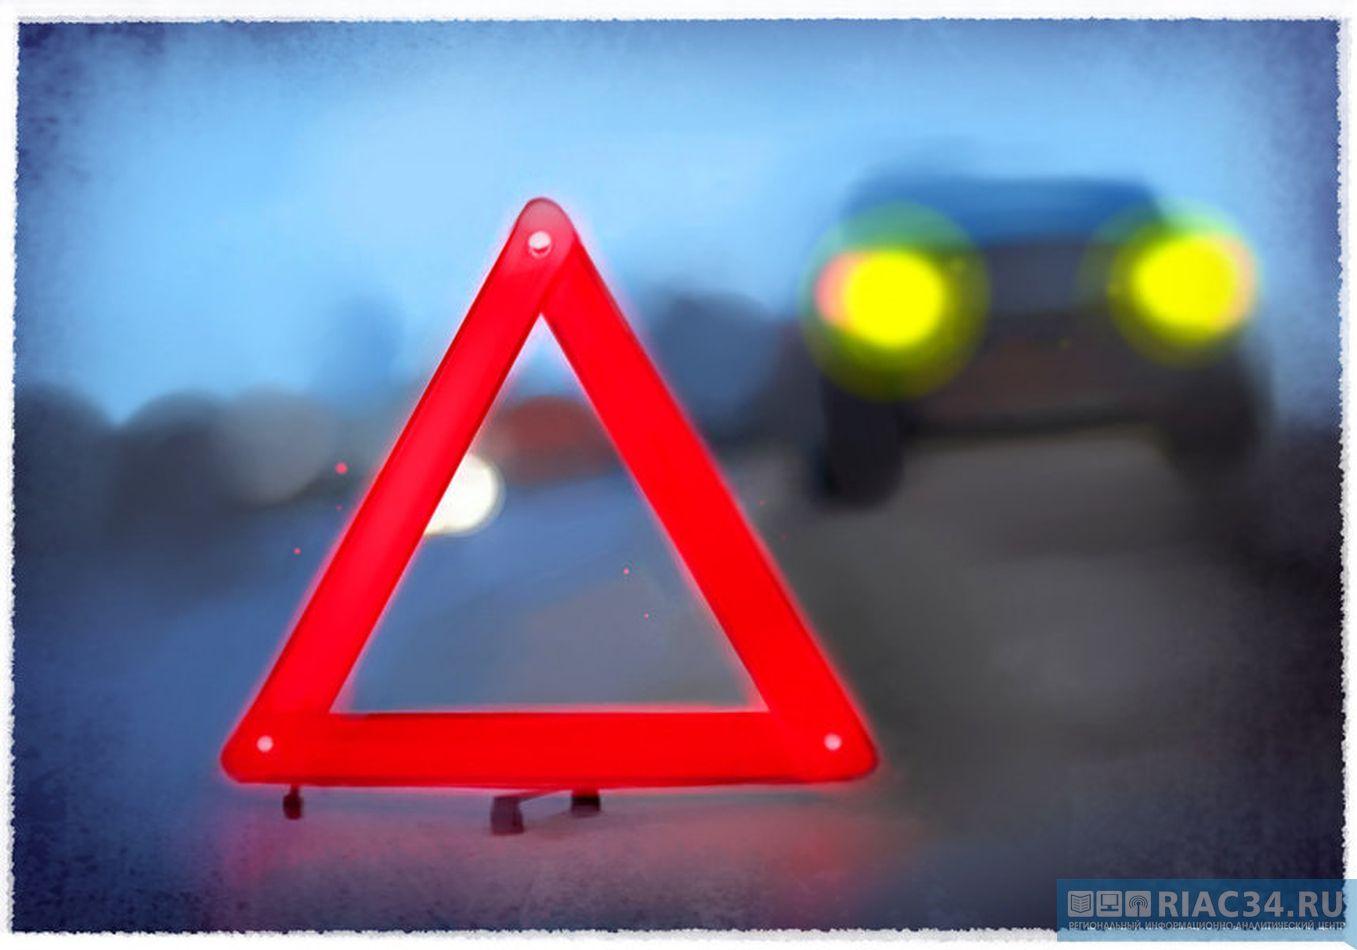 В трагедии со«скорой» вВолгограде пострадали три человека